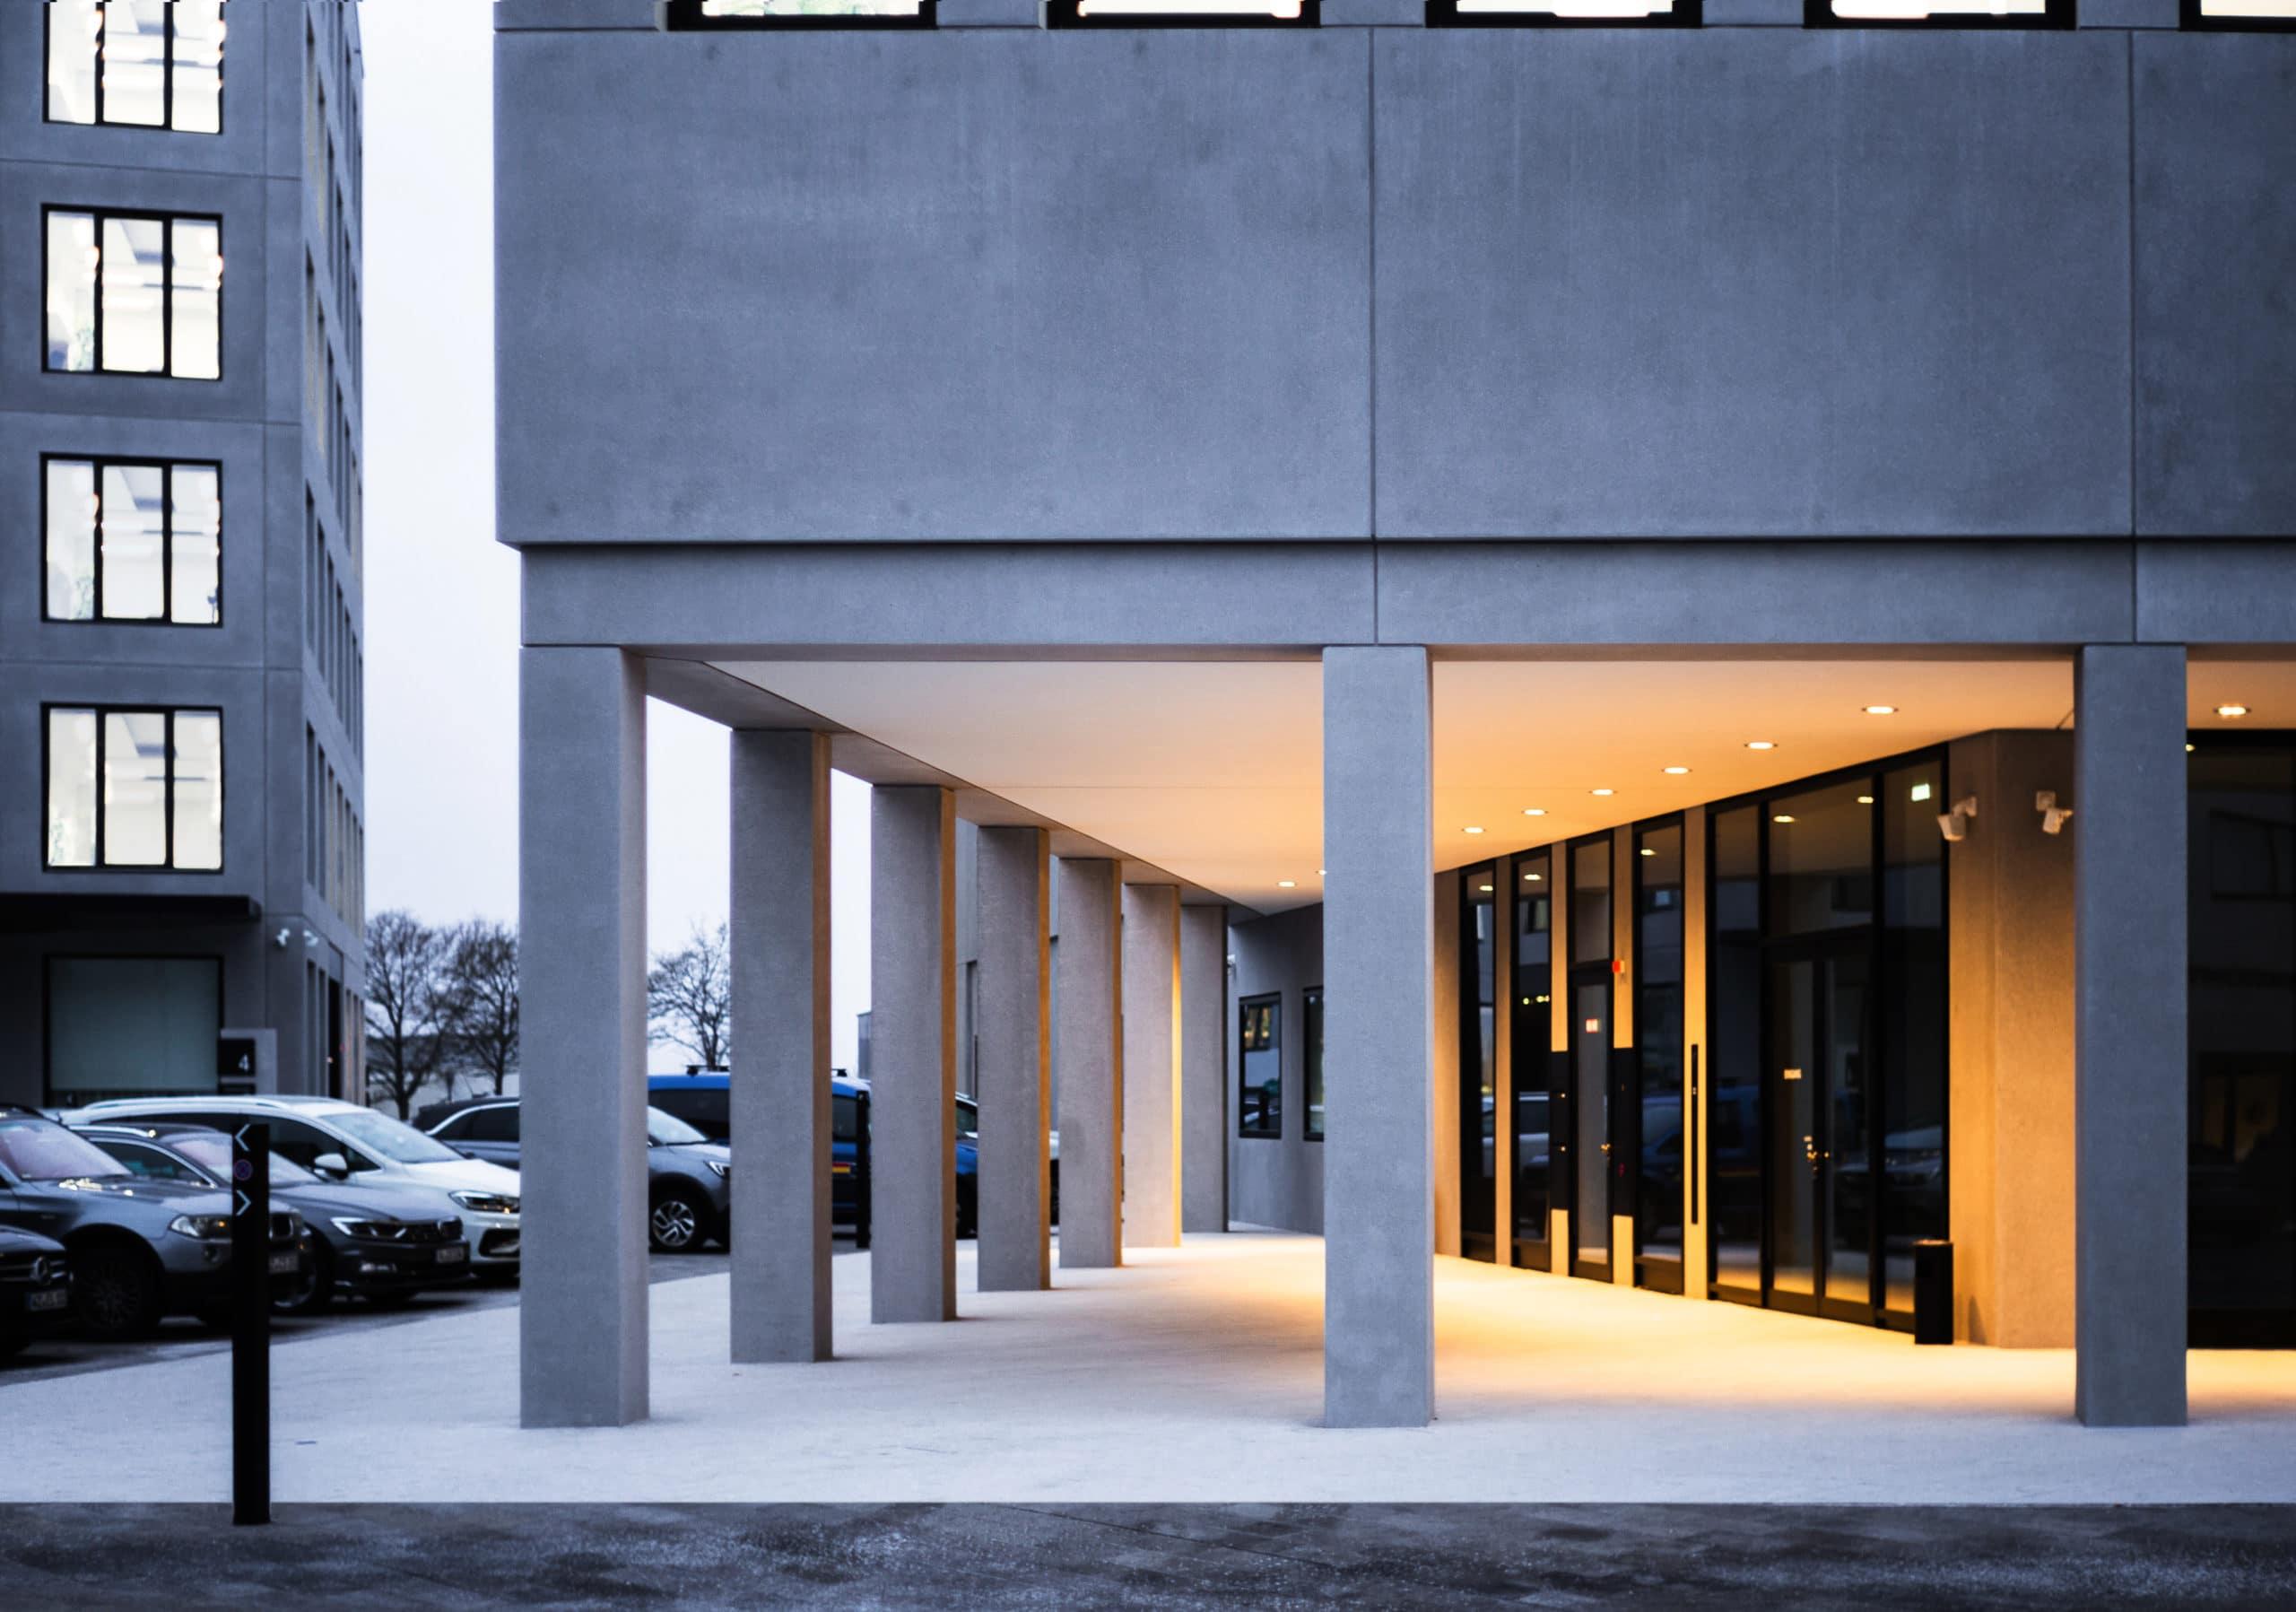 Architekturaufnahme vom Eingangsbereich des Leitz Park Leica in der Dämmerung | Architektur Fotograf in der Region Osnabrück Münster Bielefeld